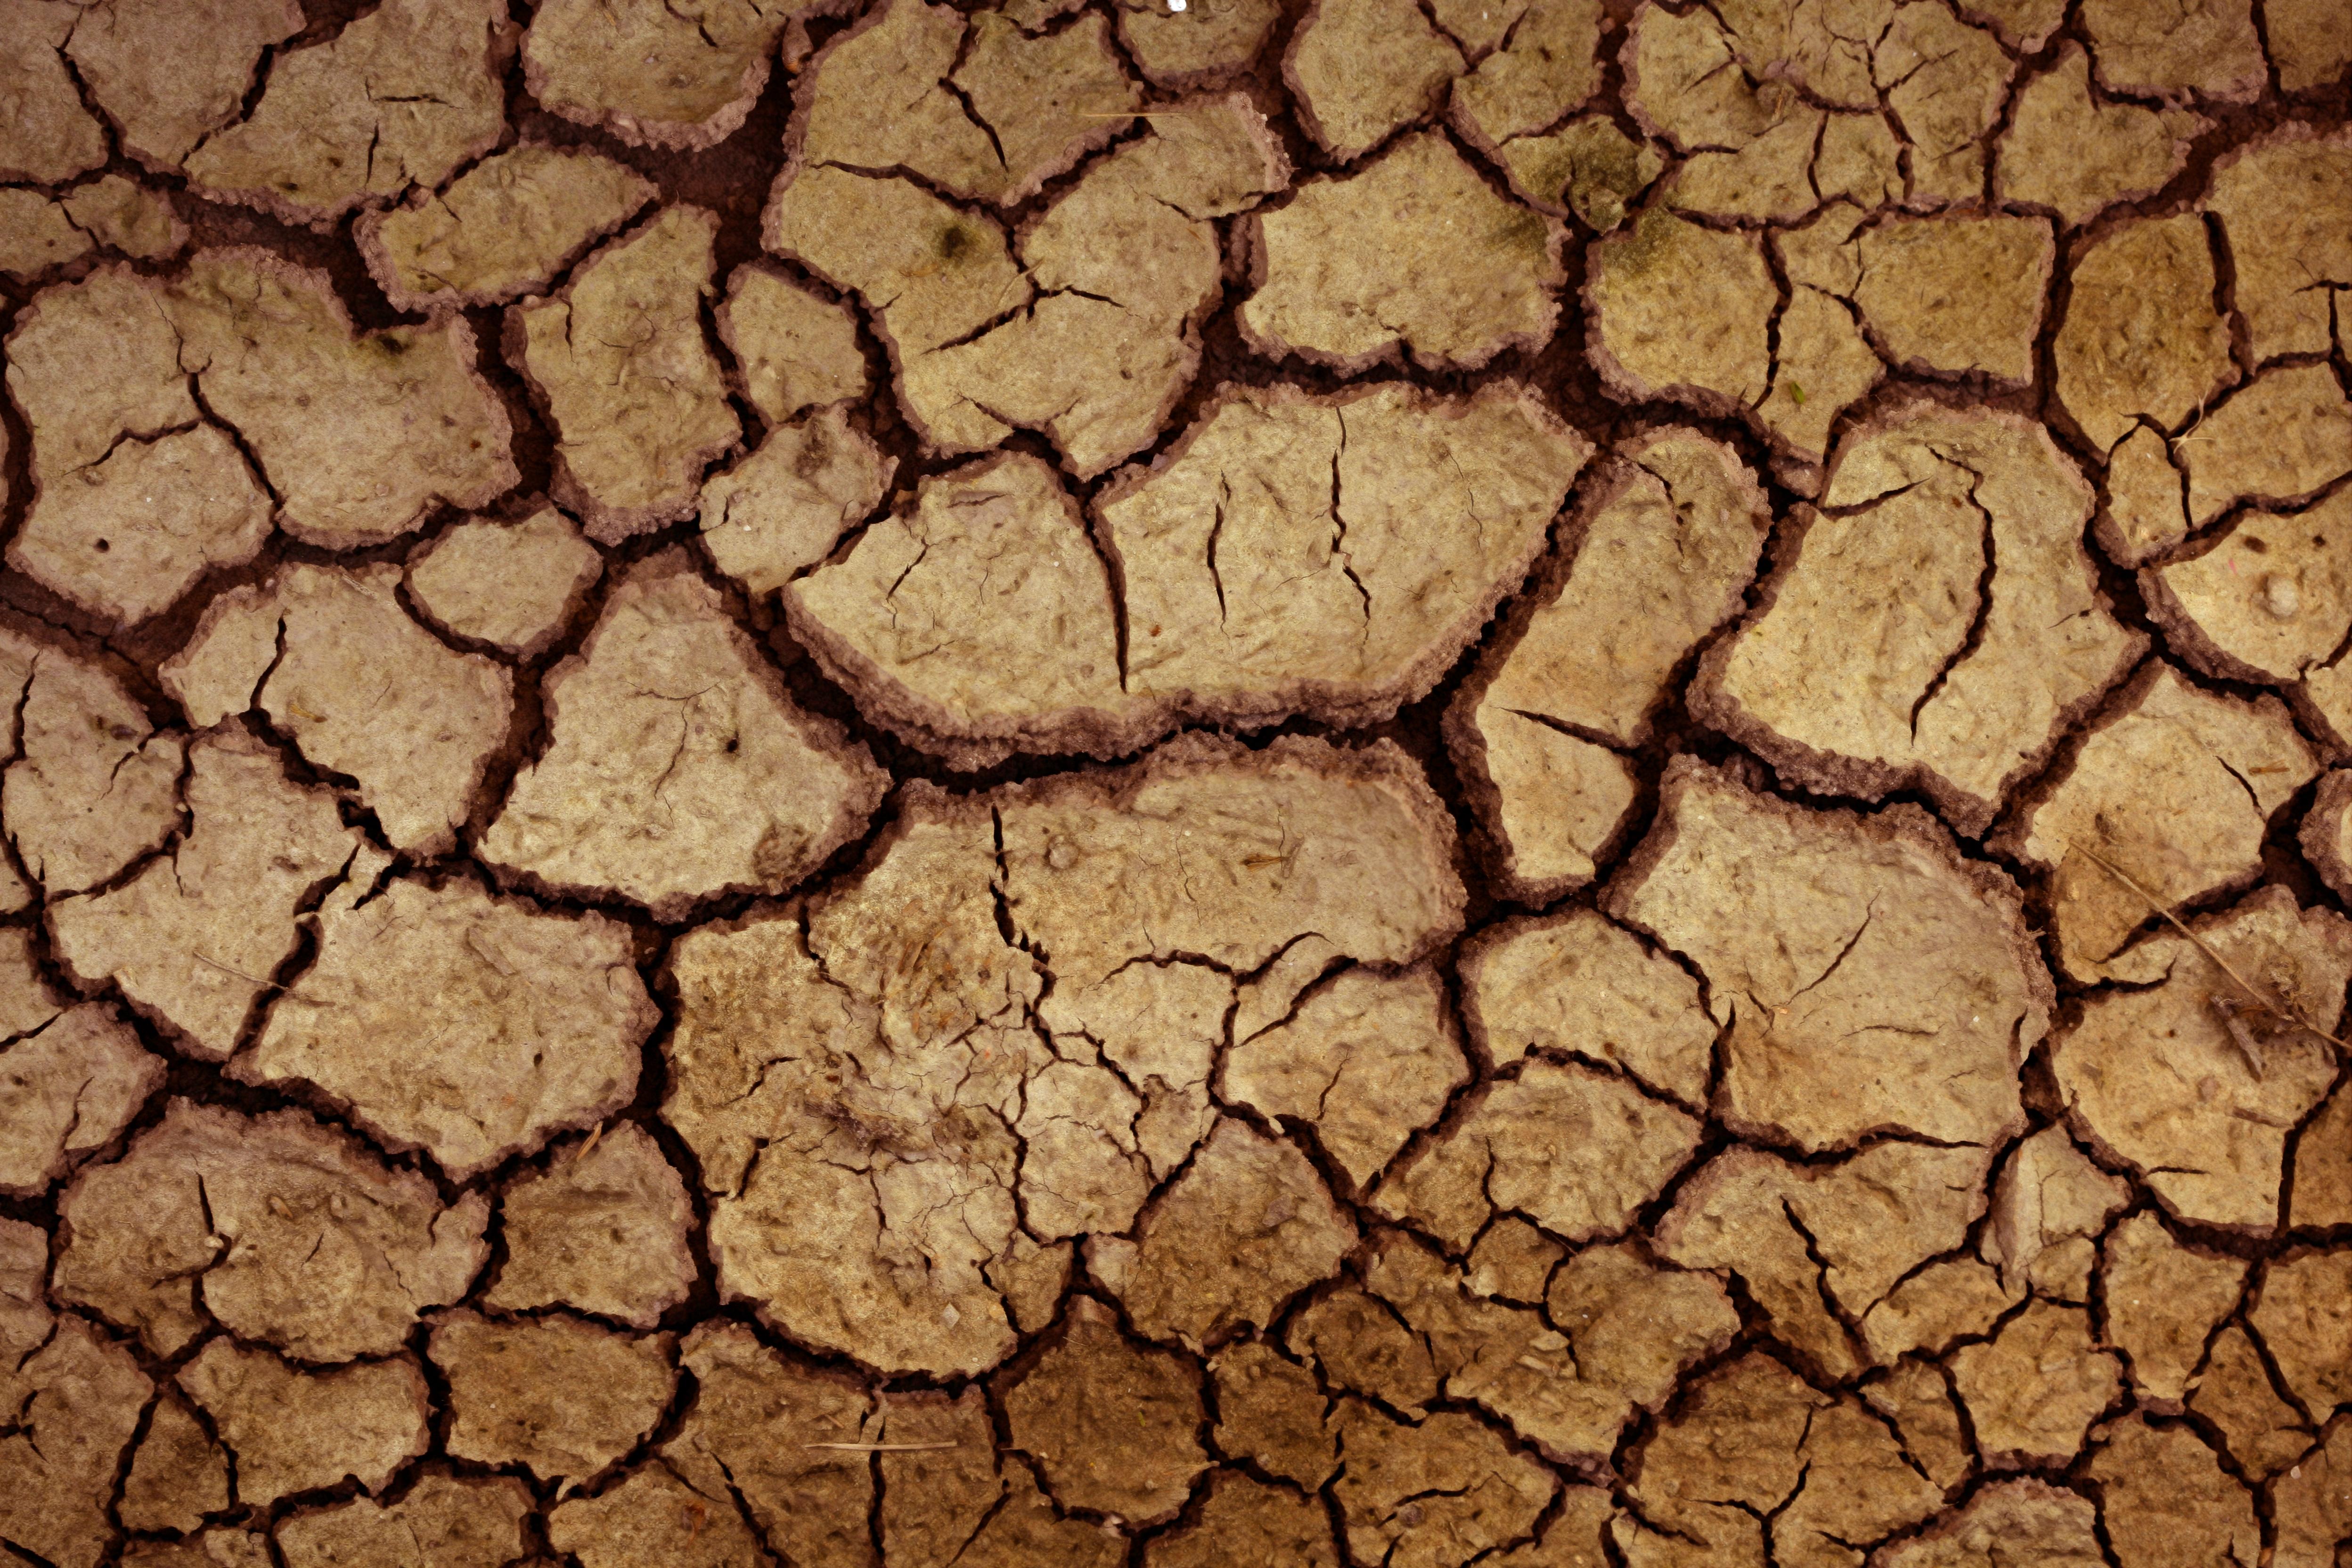 Глинистая почва после дождя покрывается коркой, воздух через такой грунт проходит плохо